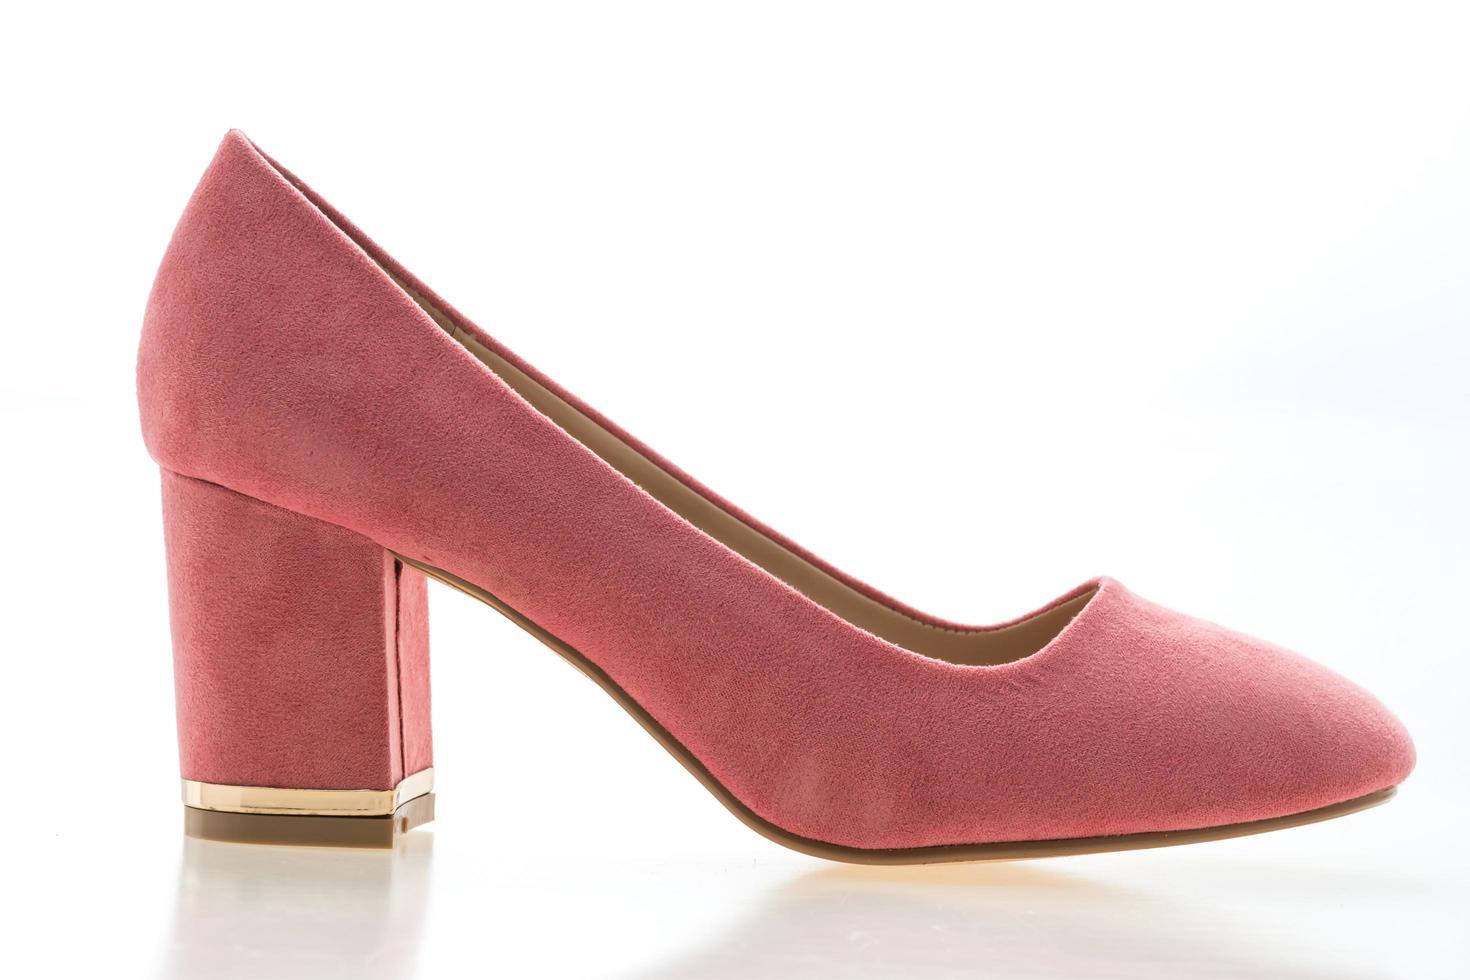 Schuh mit hohem Absatz auf weißem Hintergrund foto